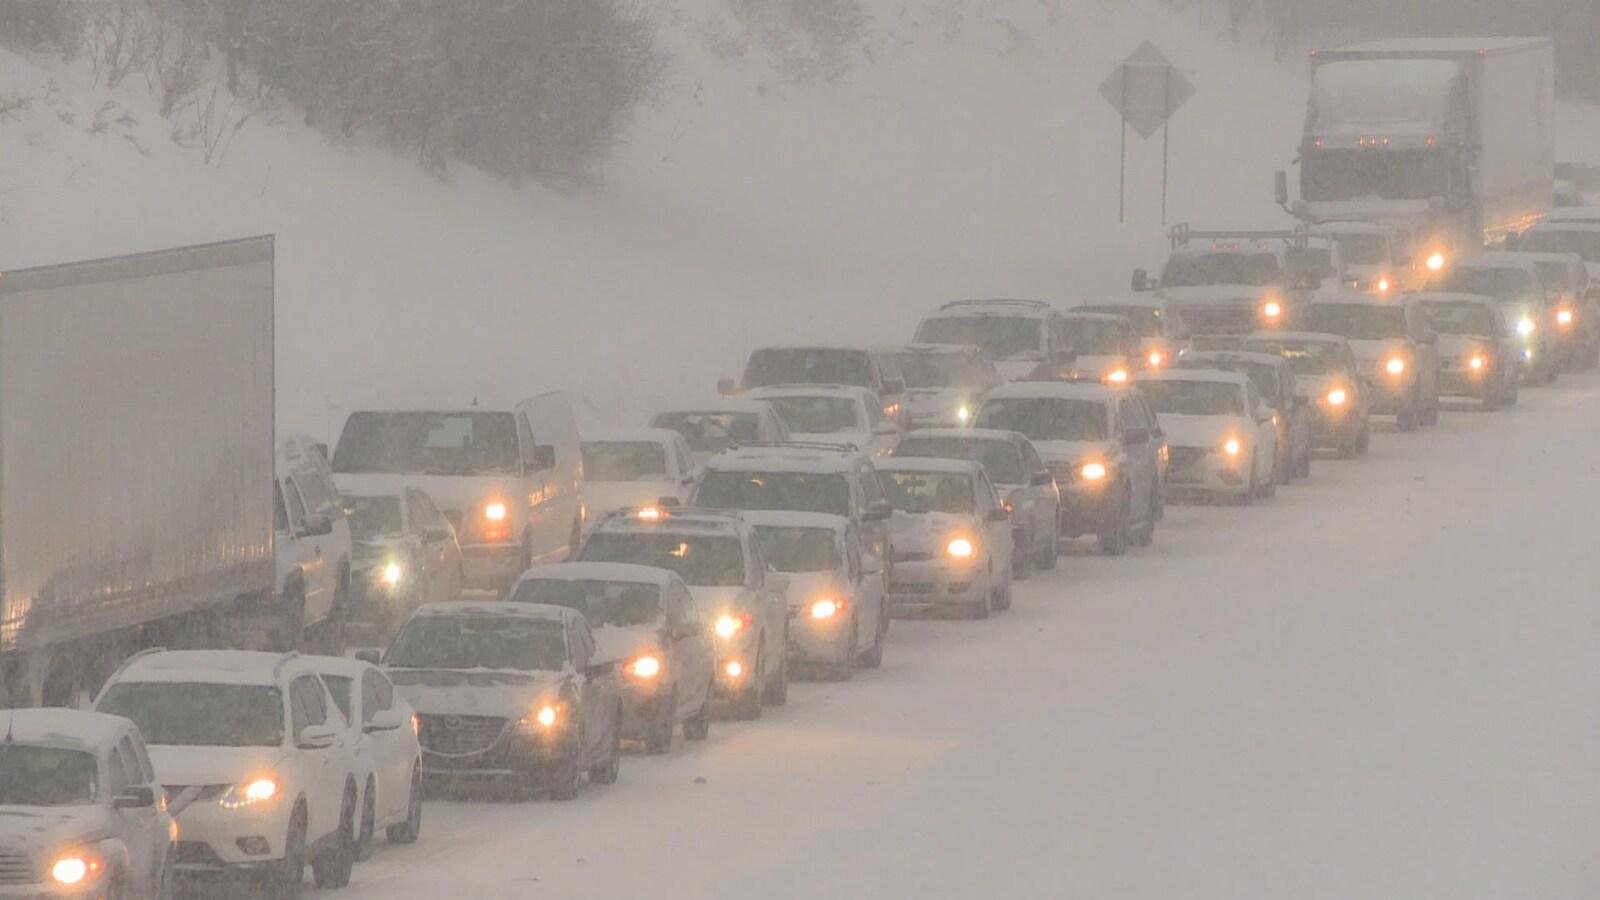 Deux rangées de voitures dans la neige sur une autoroute congestionnée.